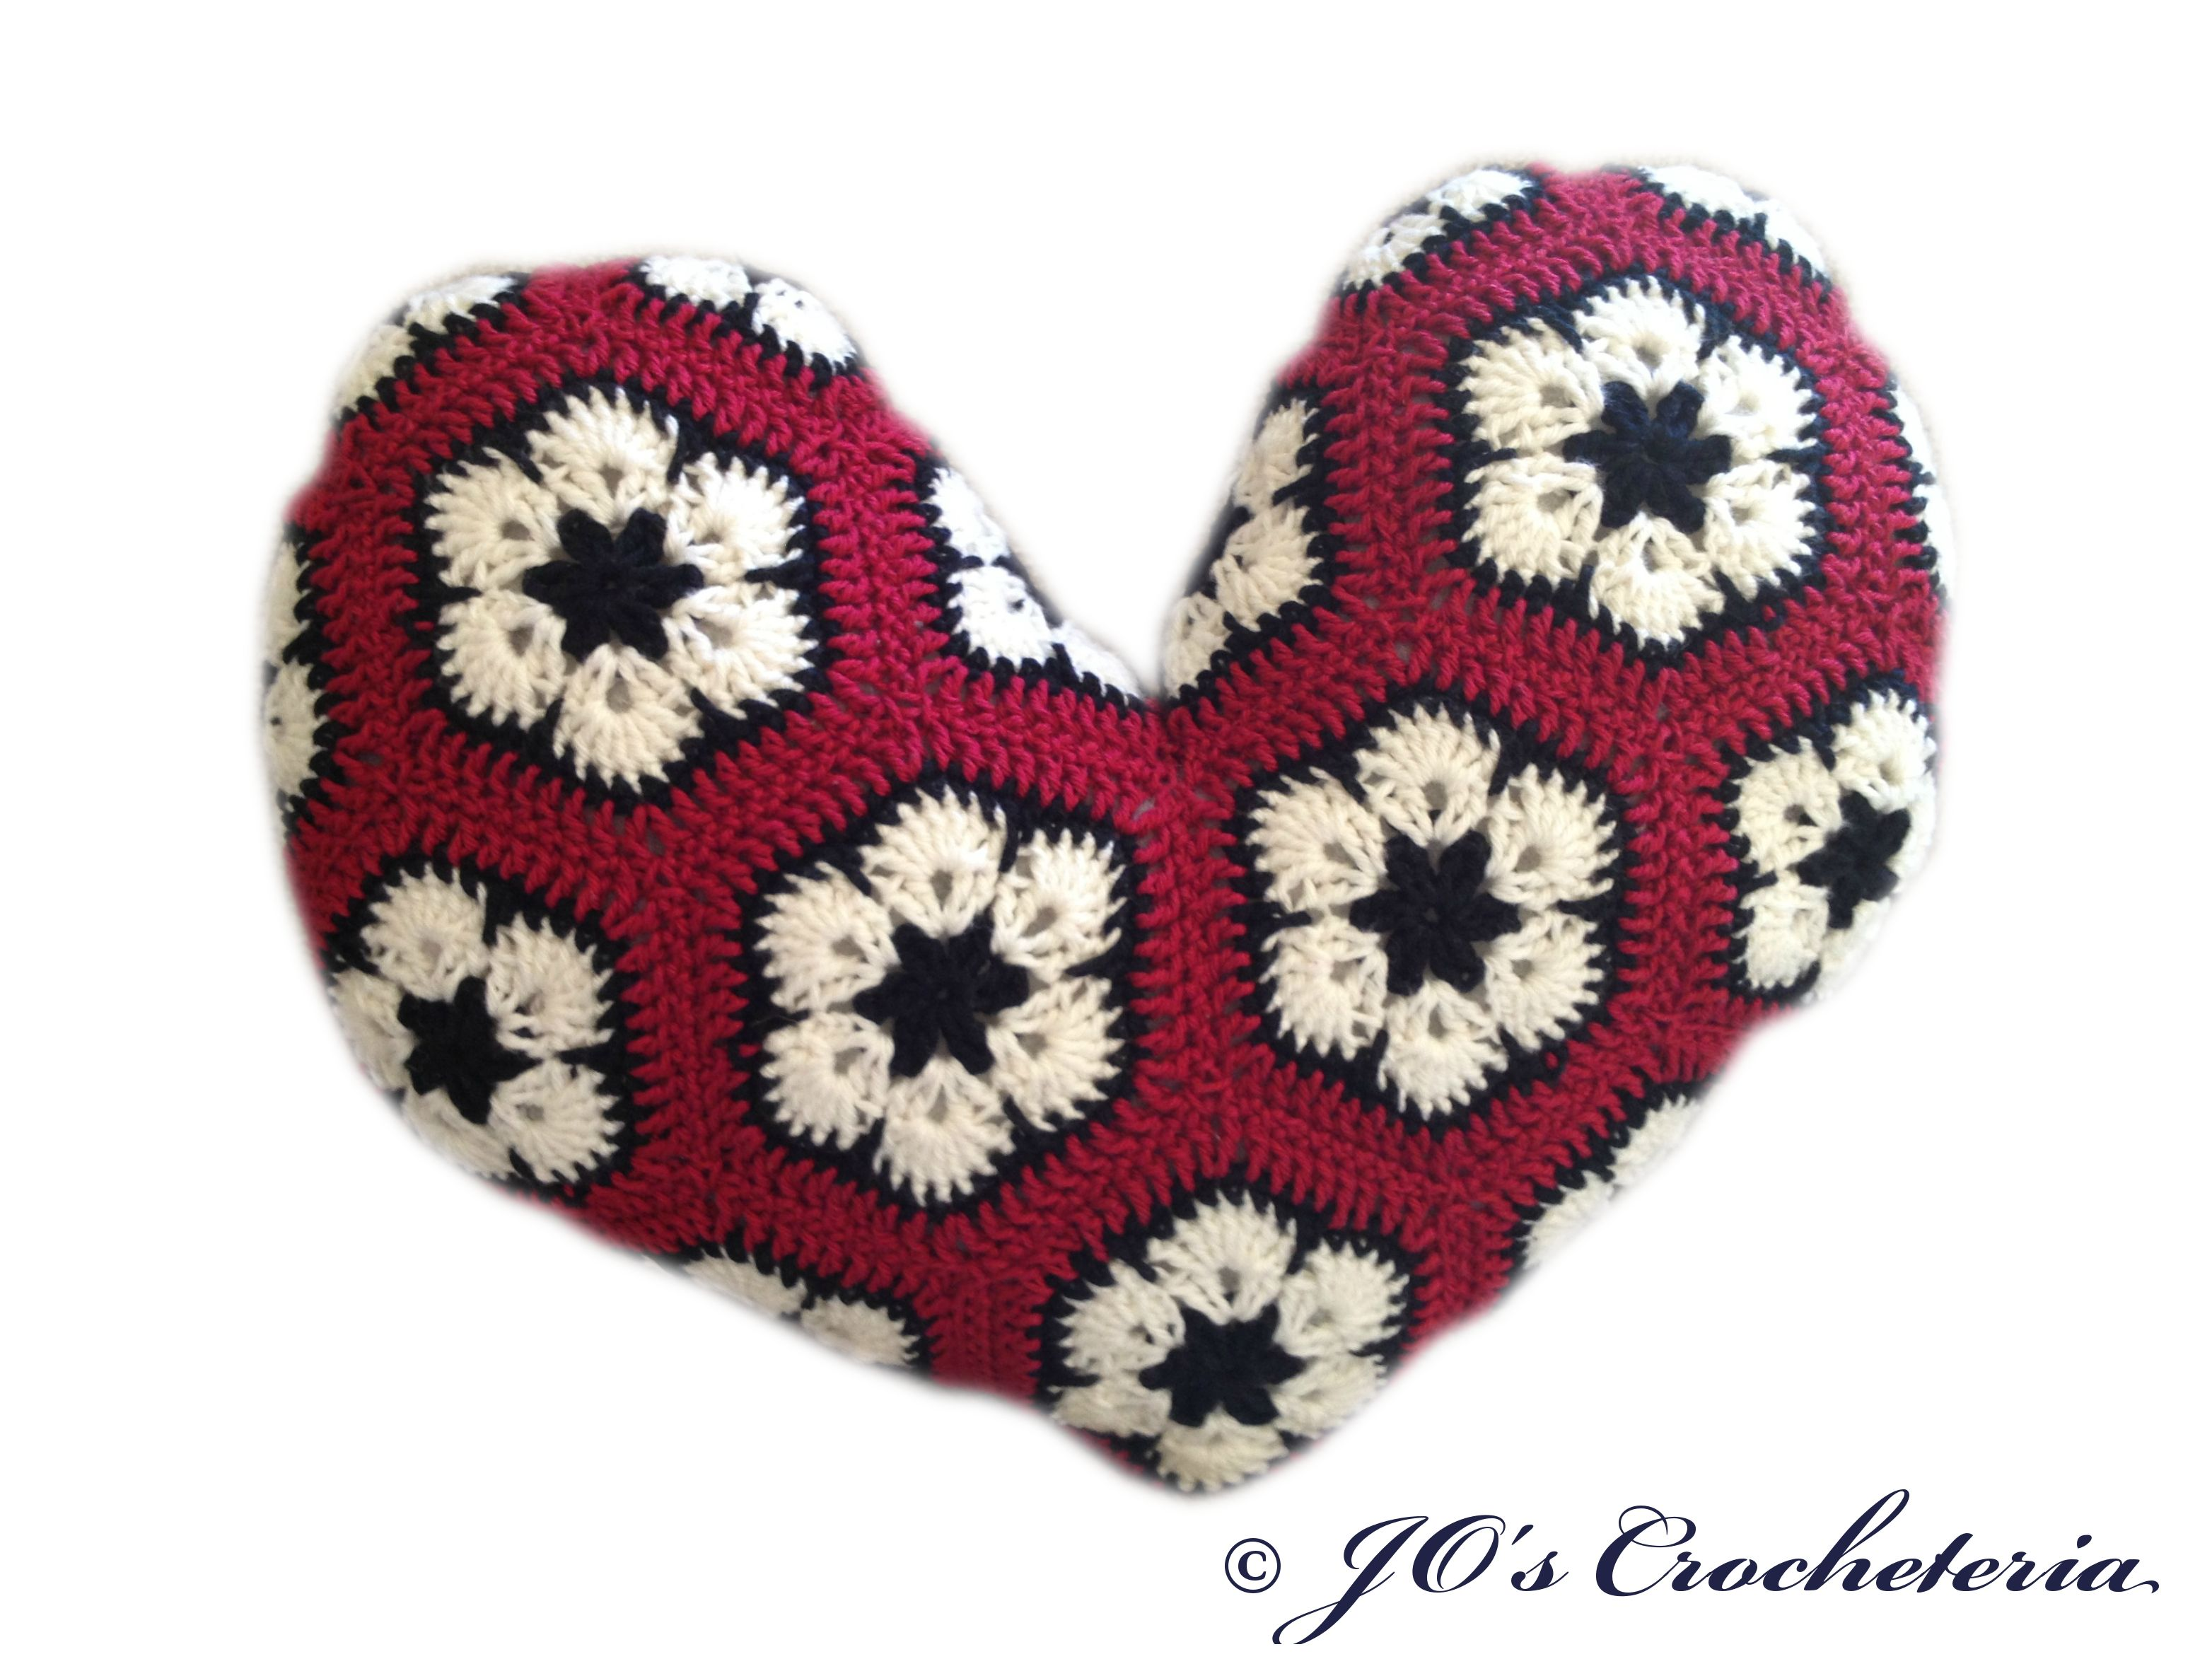 Free crochet pattern african flower heart pillow by jos free crochet pattern african flower heart pillow by jos crocheteria bankloansurffo Gallery